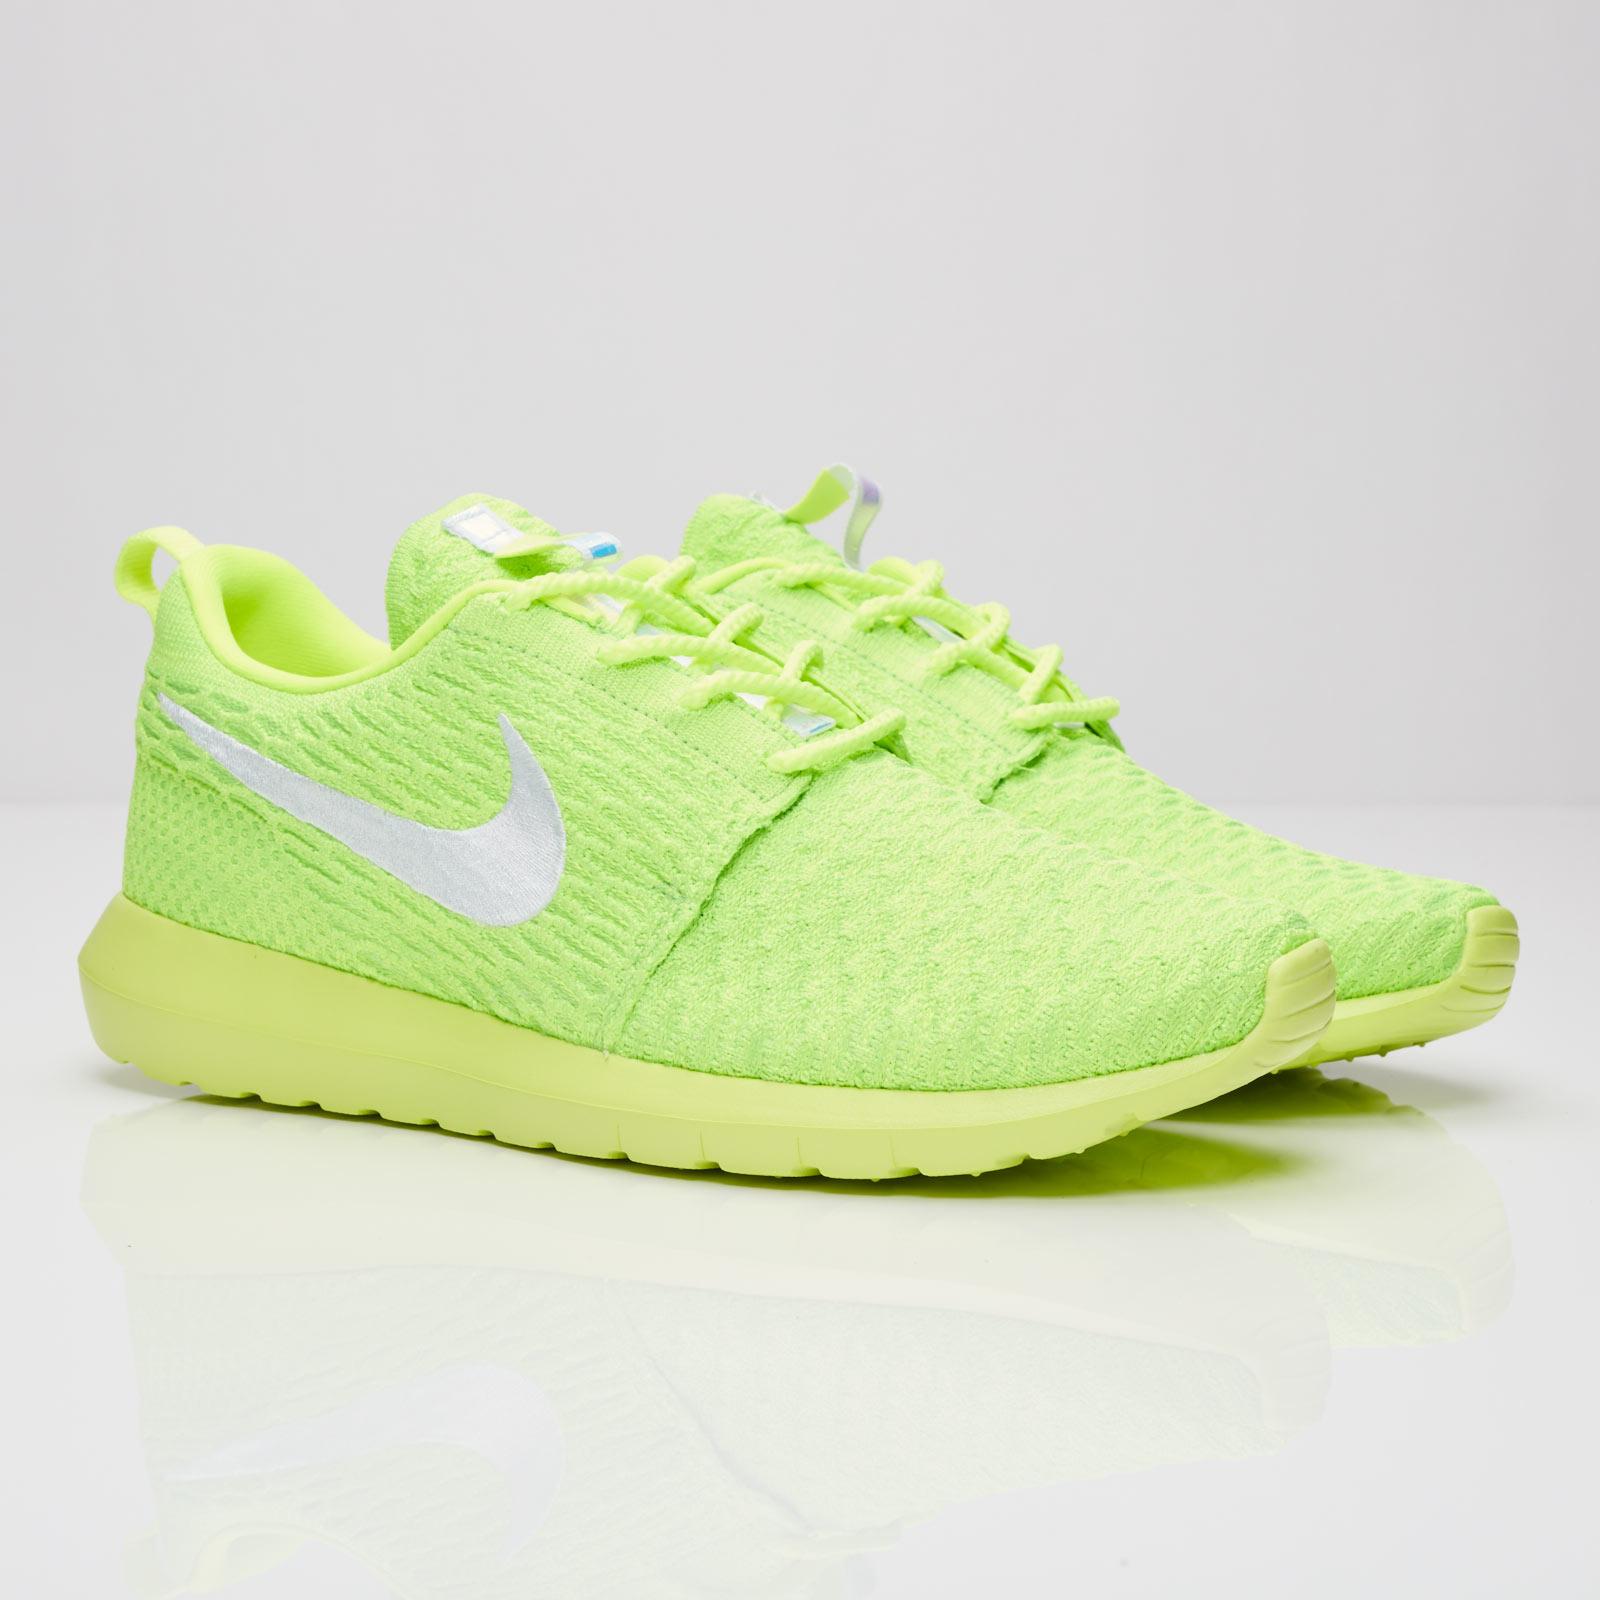 ef14fbf63e763 Nike Roshe NM Flyknit - 677243-701 - Sneakersnstuff